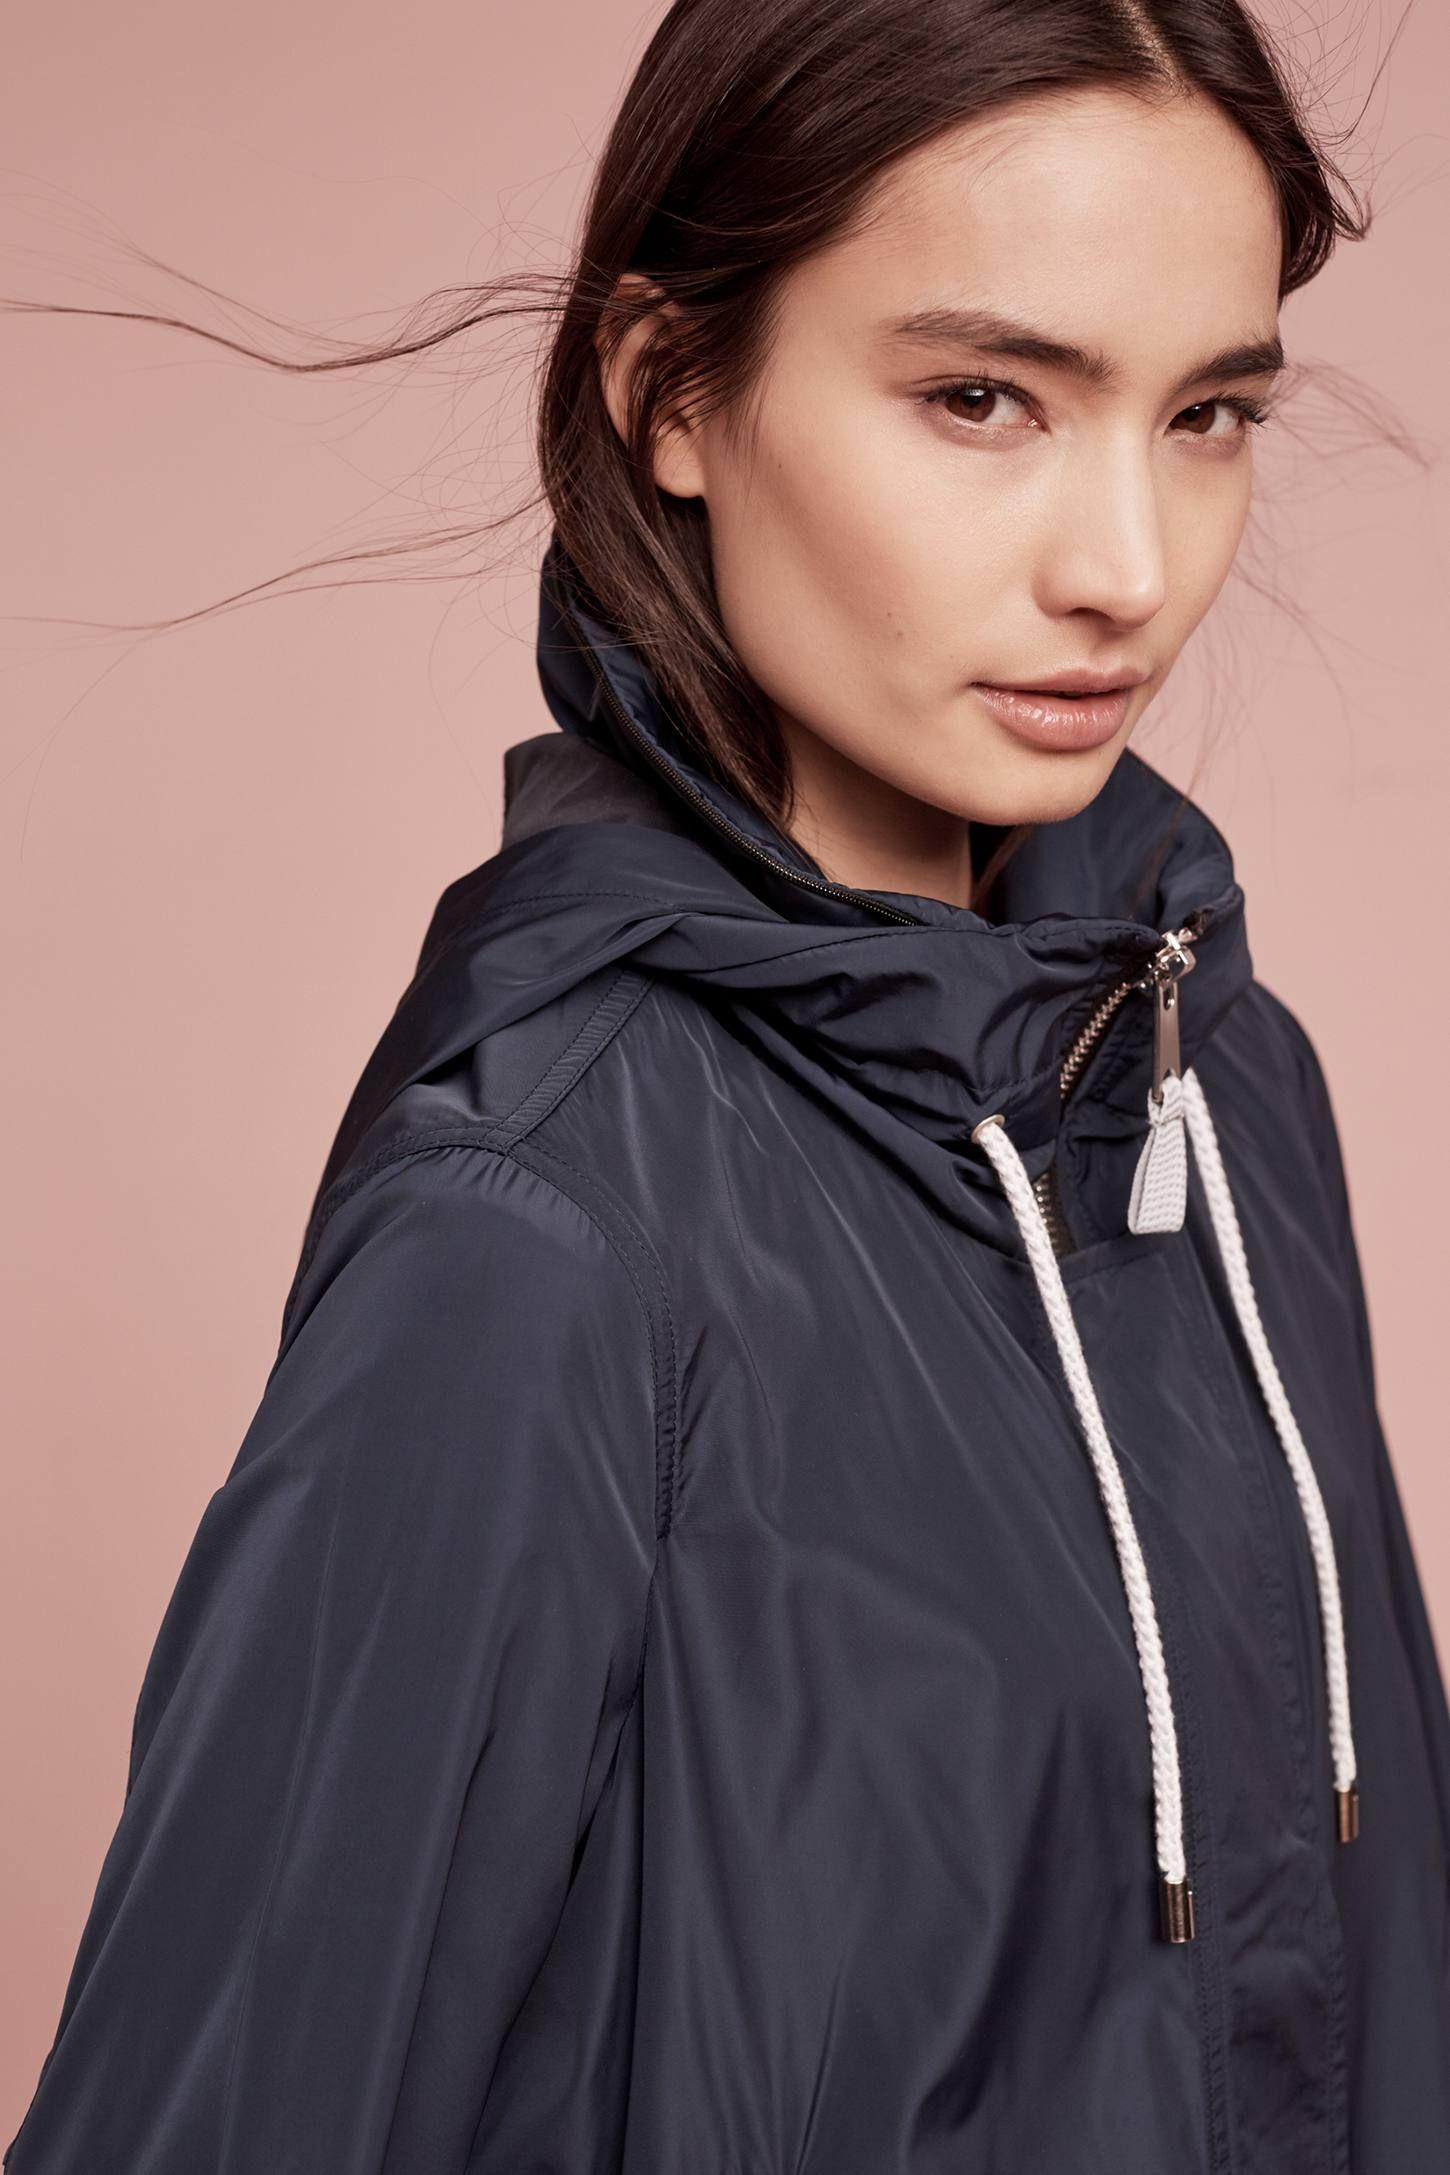 April Showers Raincoat Raincoat, April showers, Fashion